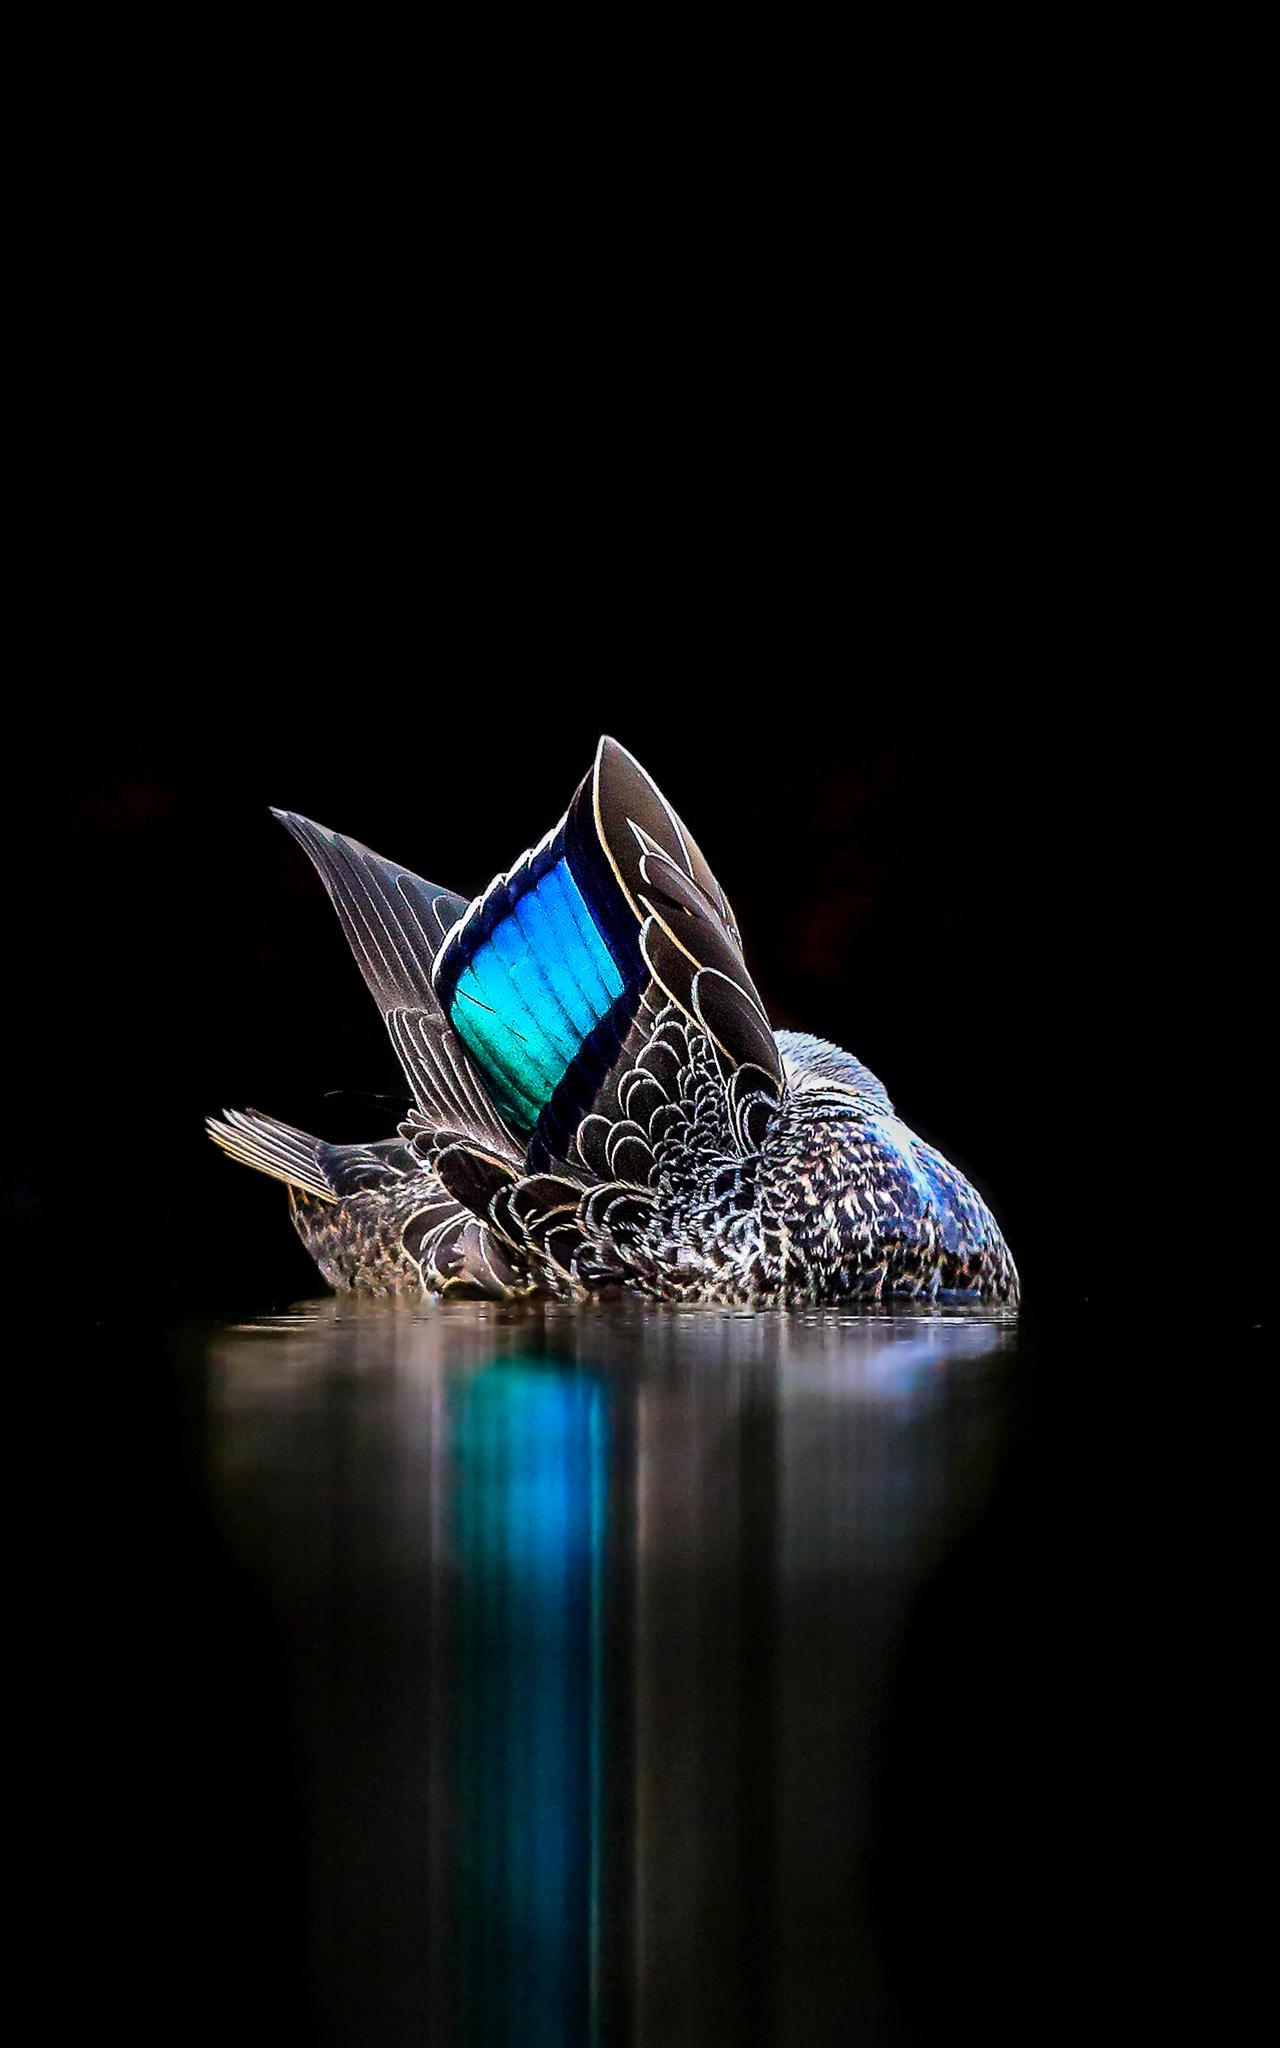 Отражение, © Джорджина Стейтлер, Золото, Фотоконкурс «Птичий фотограф года»